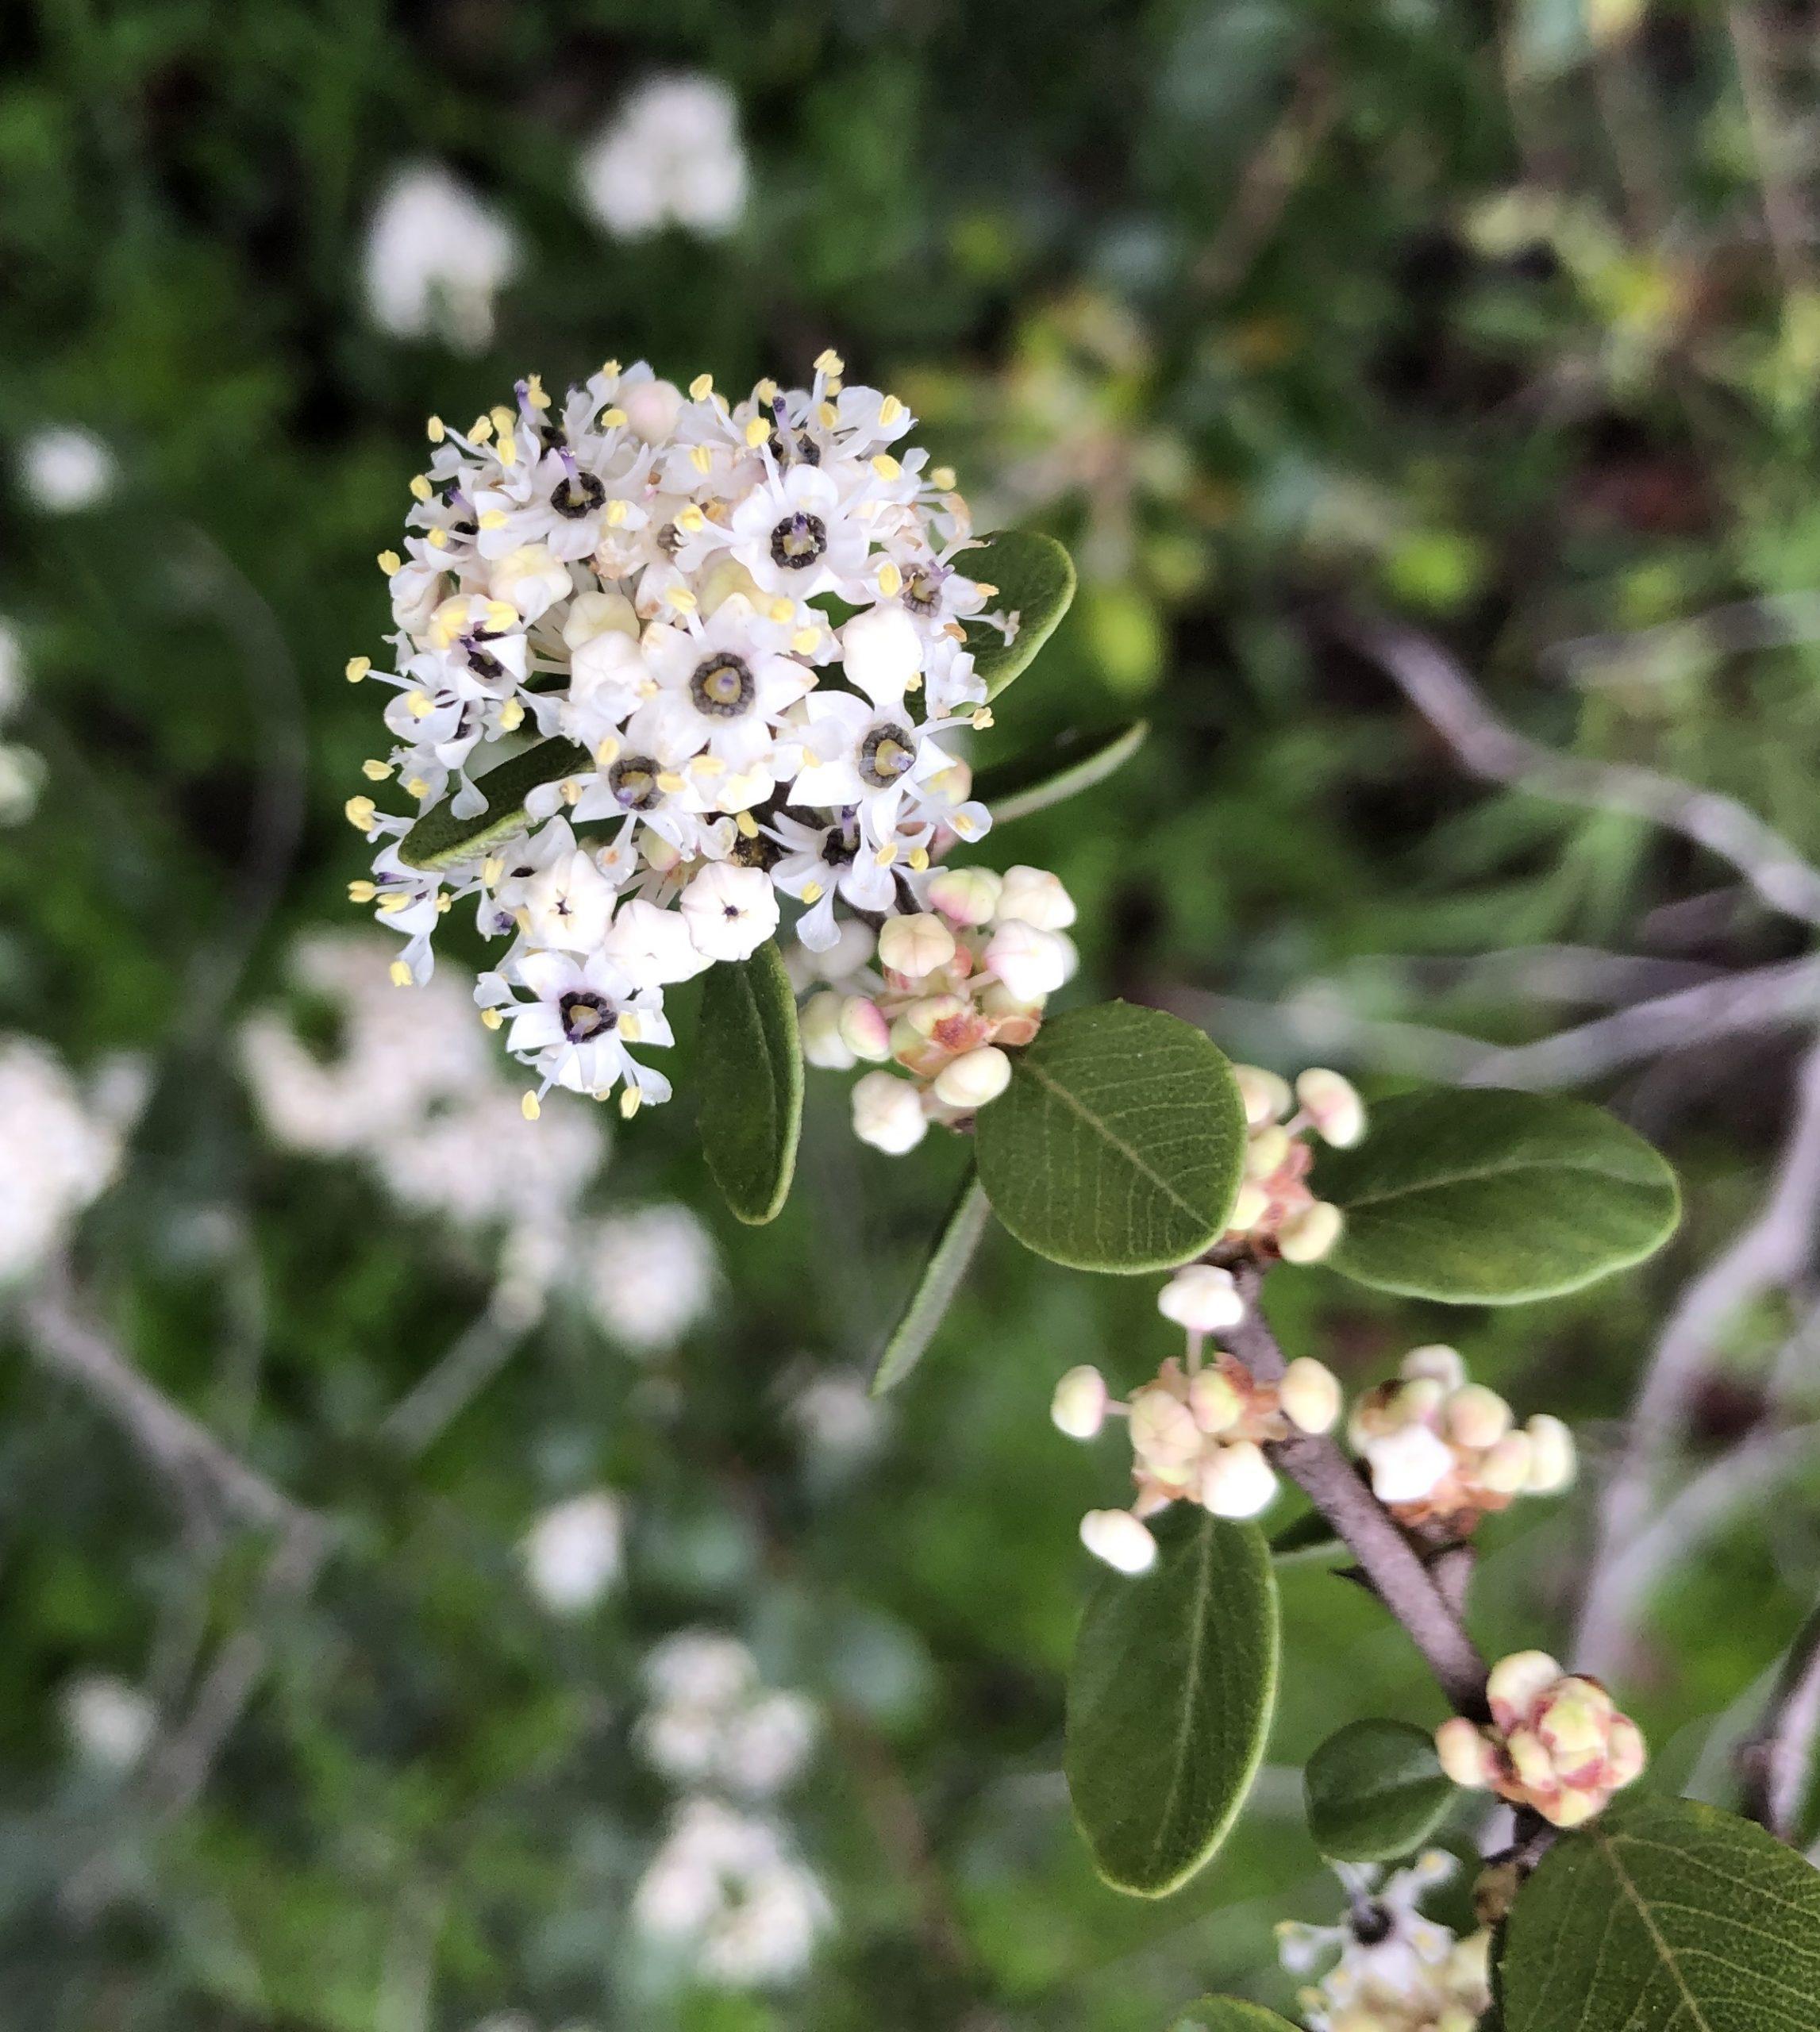 California lilacs (Ceanothus spp.)